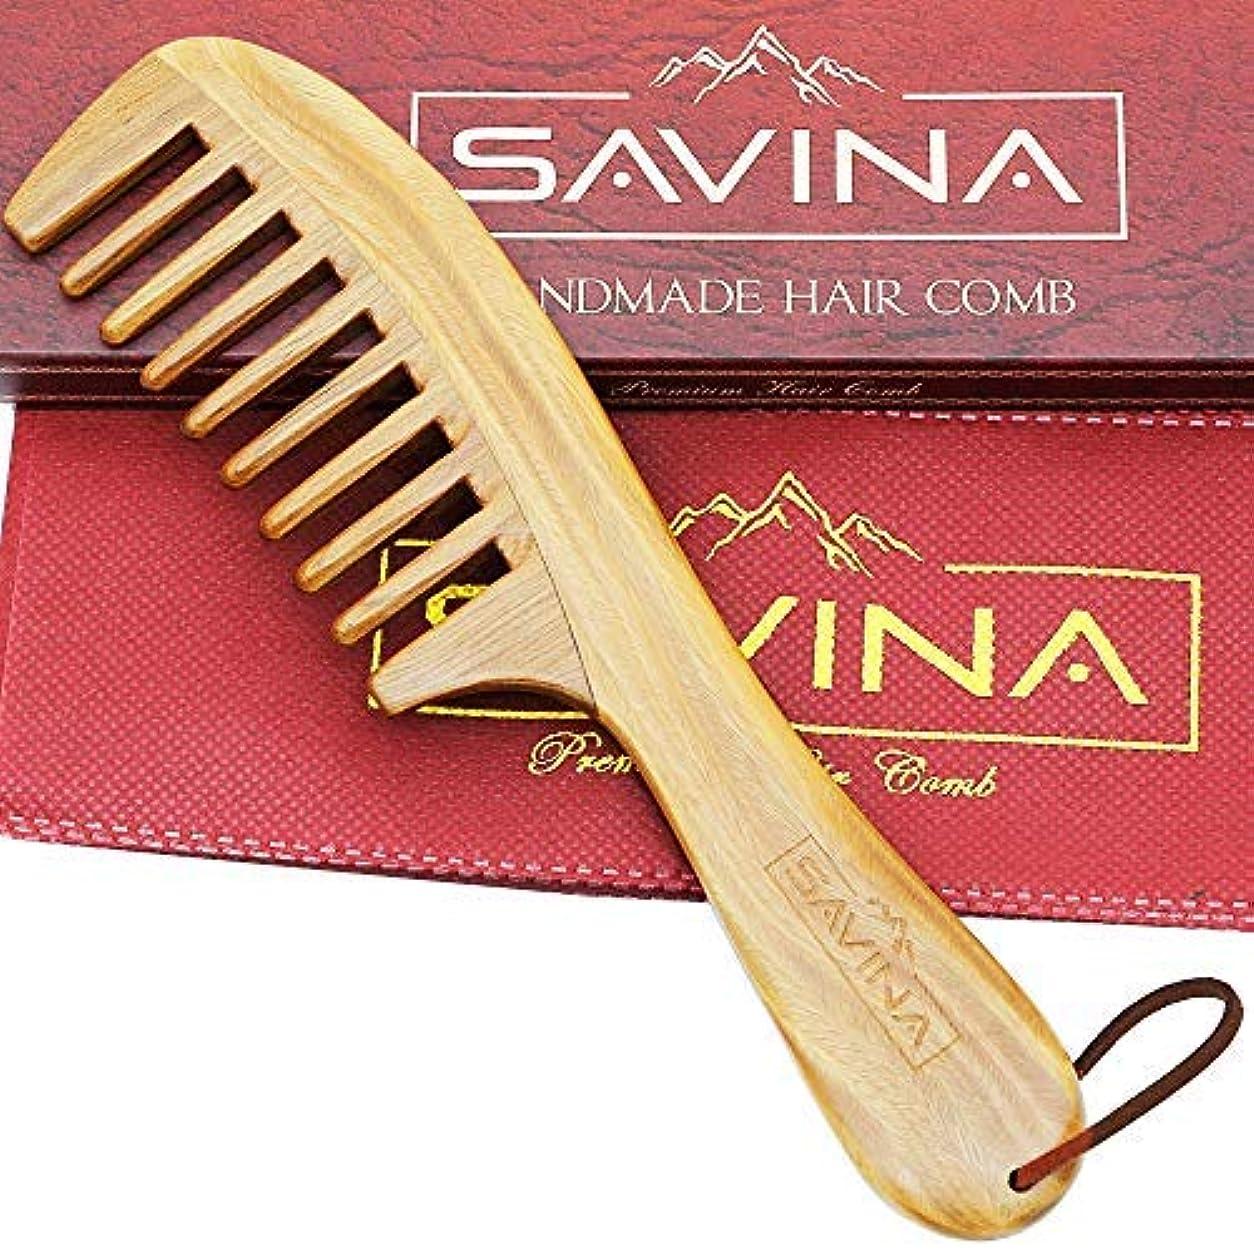 プラスチックうつ誤ってWooden Comb - 8.6 inch Wide Tooth Wood Comb for Thick, Curly Hair by Savina - Anti Static, Reduces Breakage & Split Ends - Detangling Comb for Women, Men and Kids [並行輸入品]